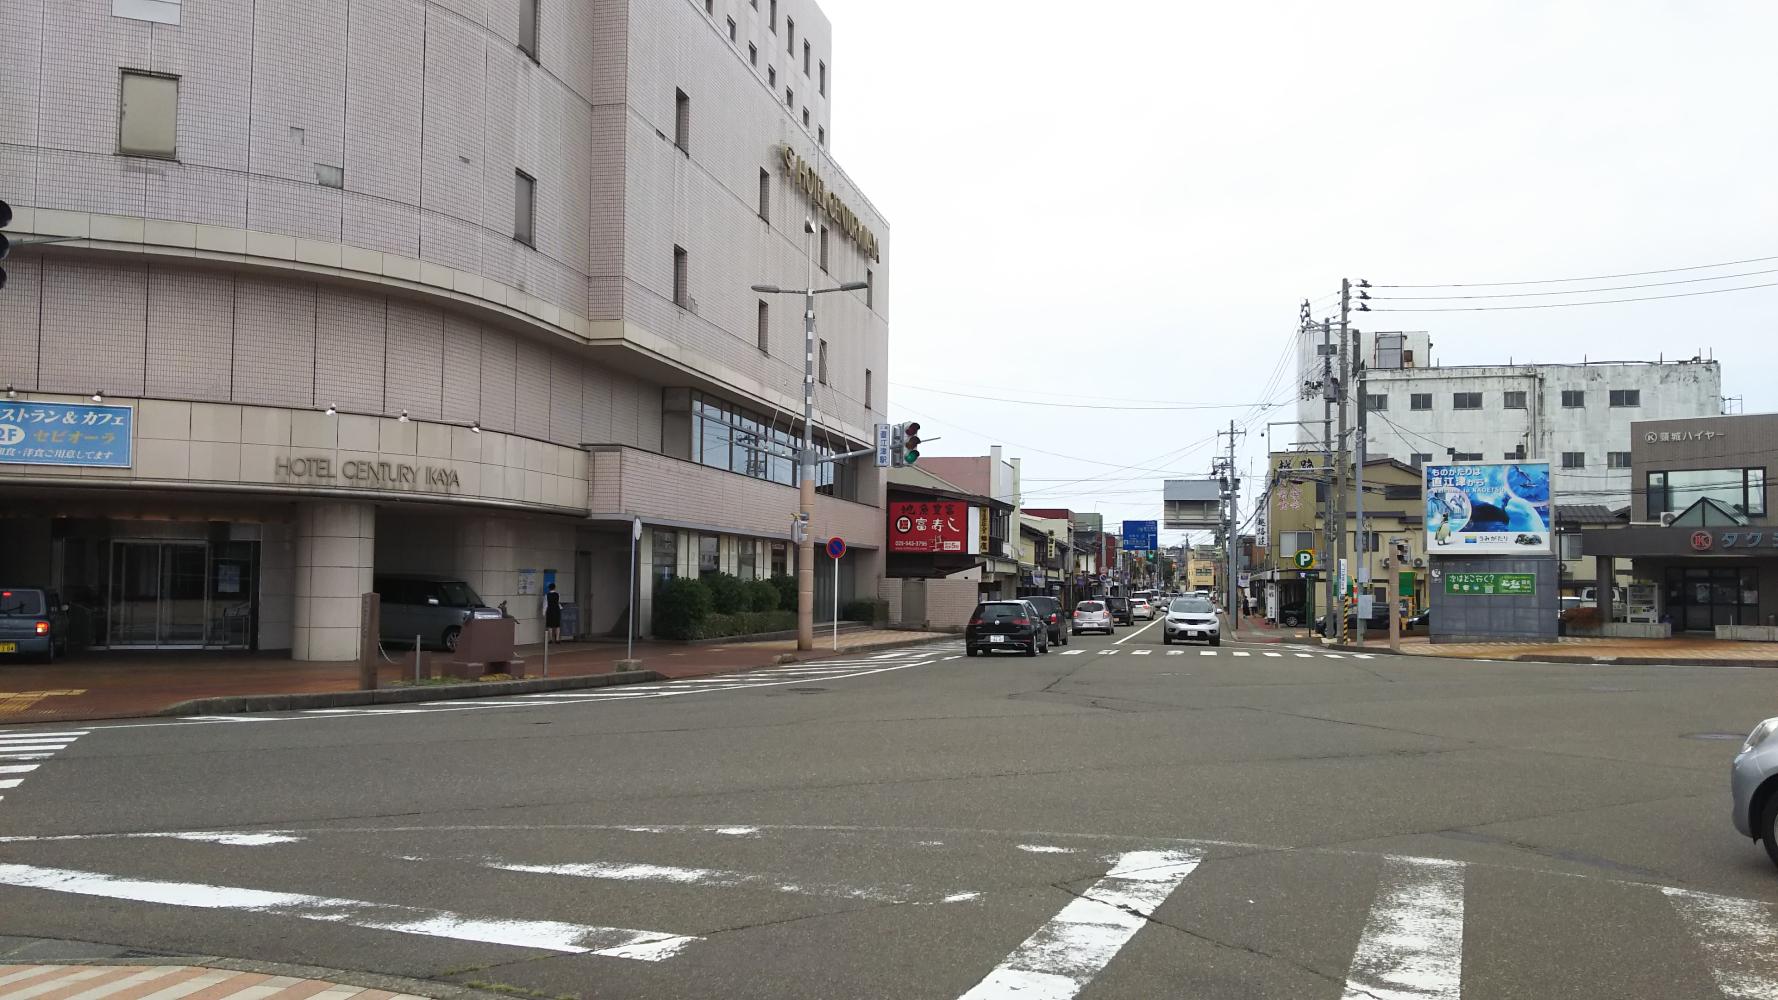 naoetsu_sta1-3.jpg